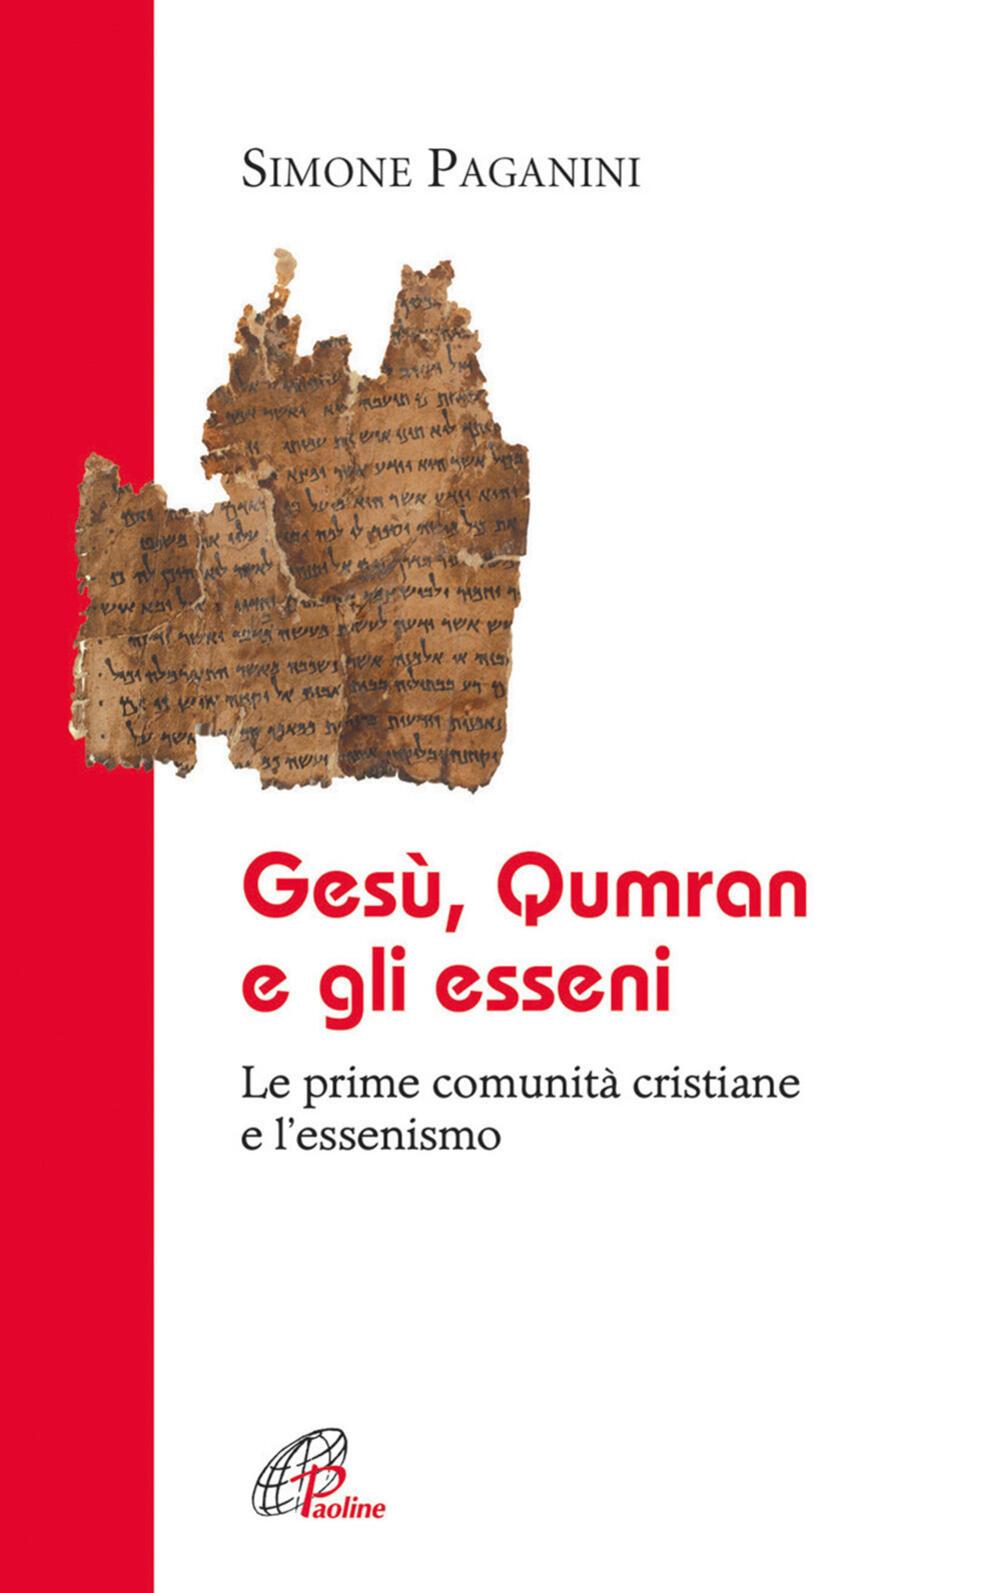 Anniversario Di Matrimonio Qumran.Gesu Qumran E Gli Esseni Le Prime Comunita Cristiane E L